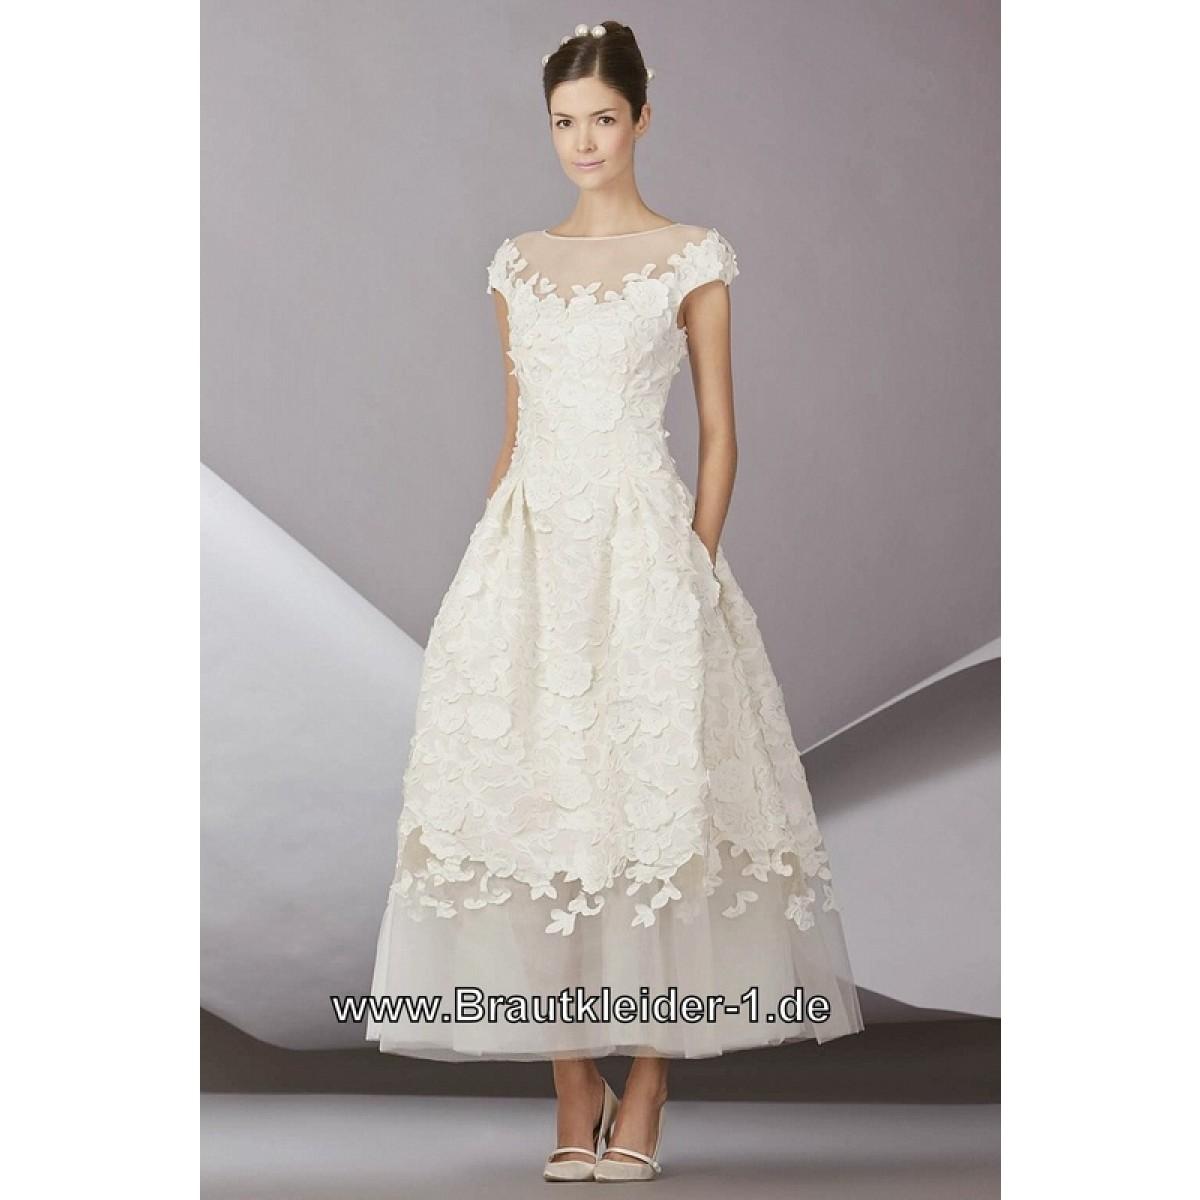 Brautkleider Online auf Rechnung: Brautkleider Online auf ...